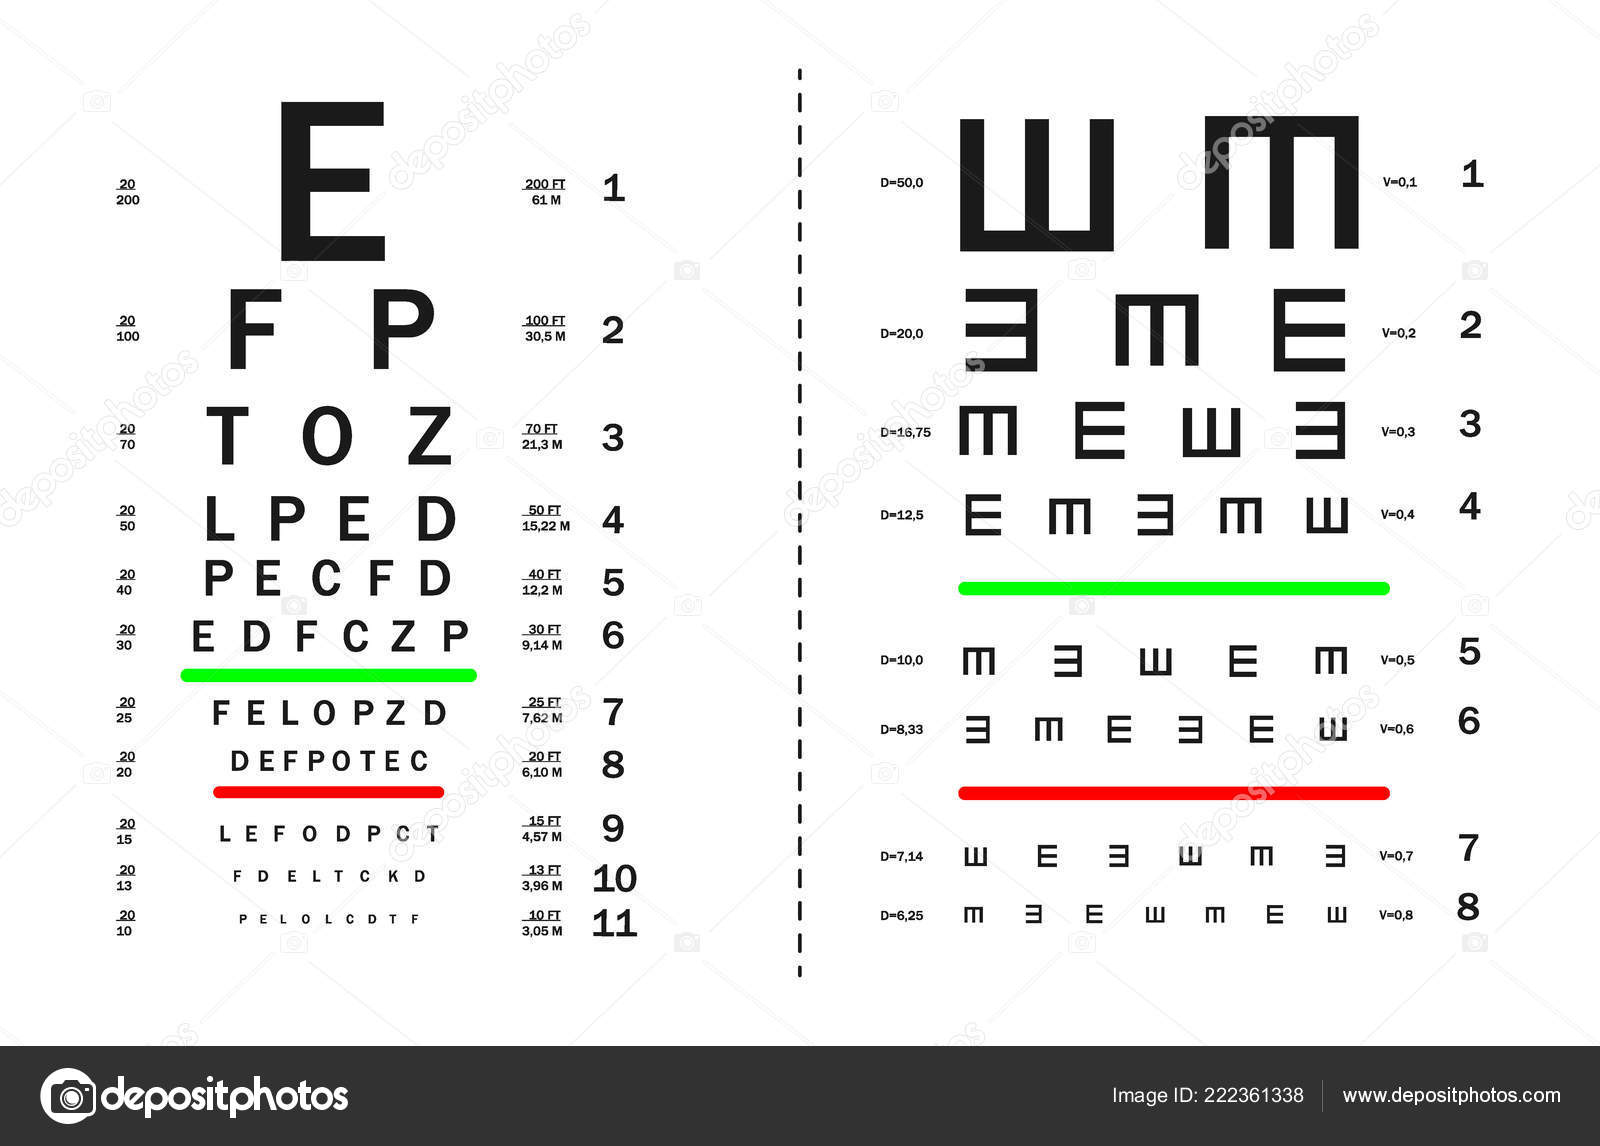 d449a75da2 Pruebas de agudeza visual, pruebas con índices numéricos — Archivo Imágenes  Vectoriales